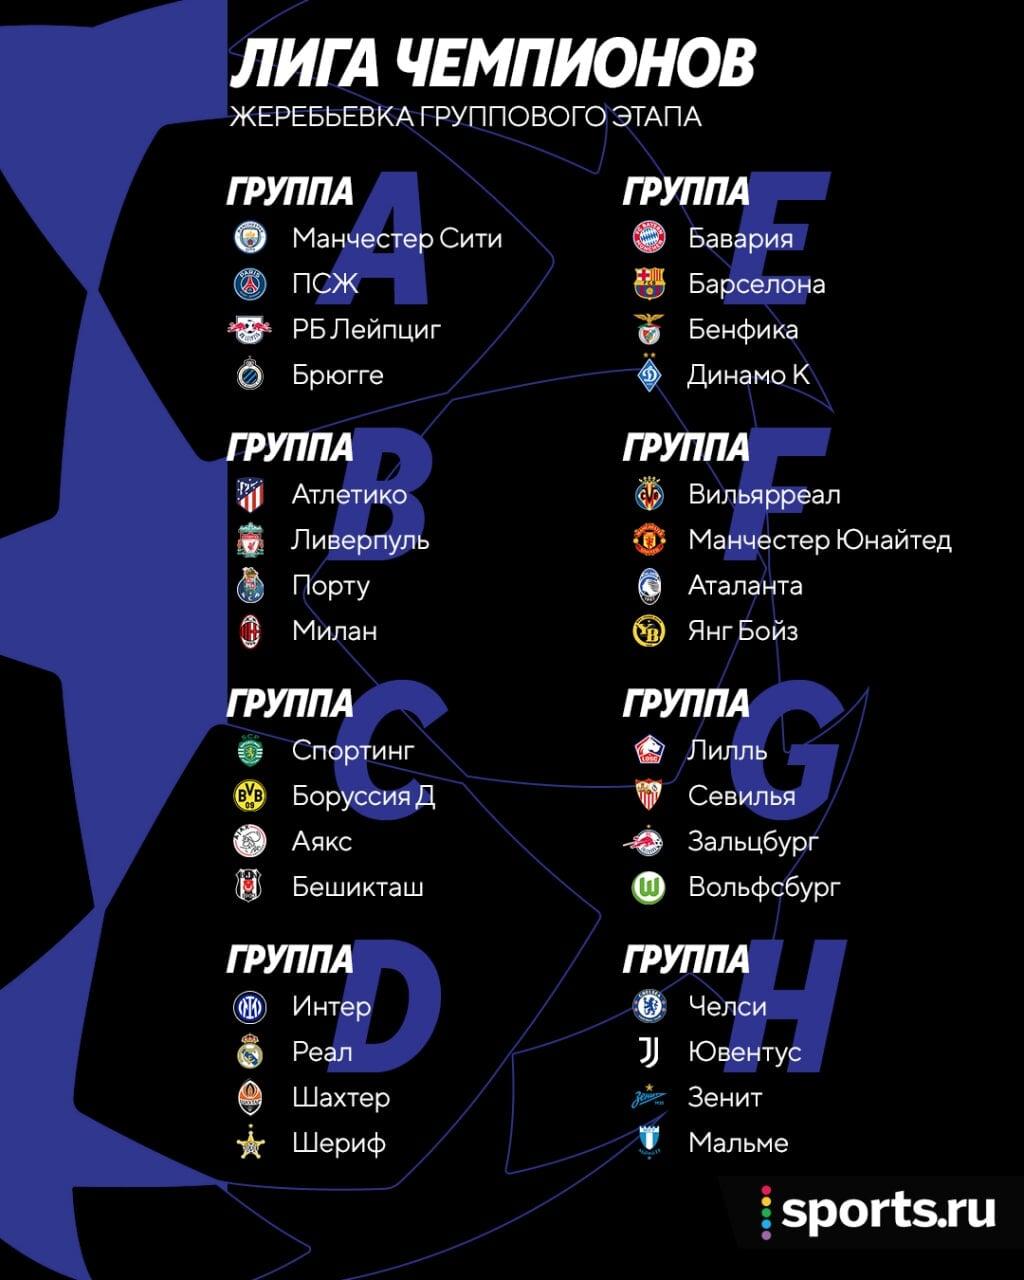 У «Зенита» в Лиге чемпионов гранды: «Челси» и «Ювентус», еще «Мальме». В одной группе «Сити» с «ПСЖ»